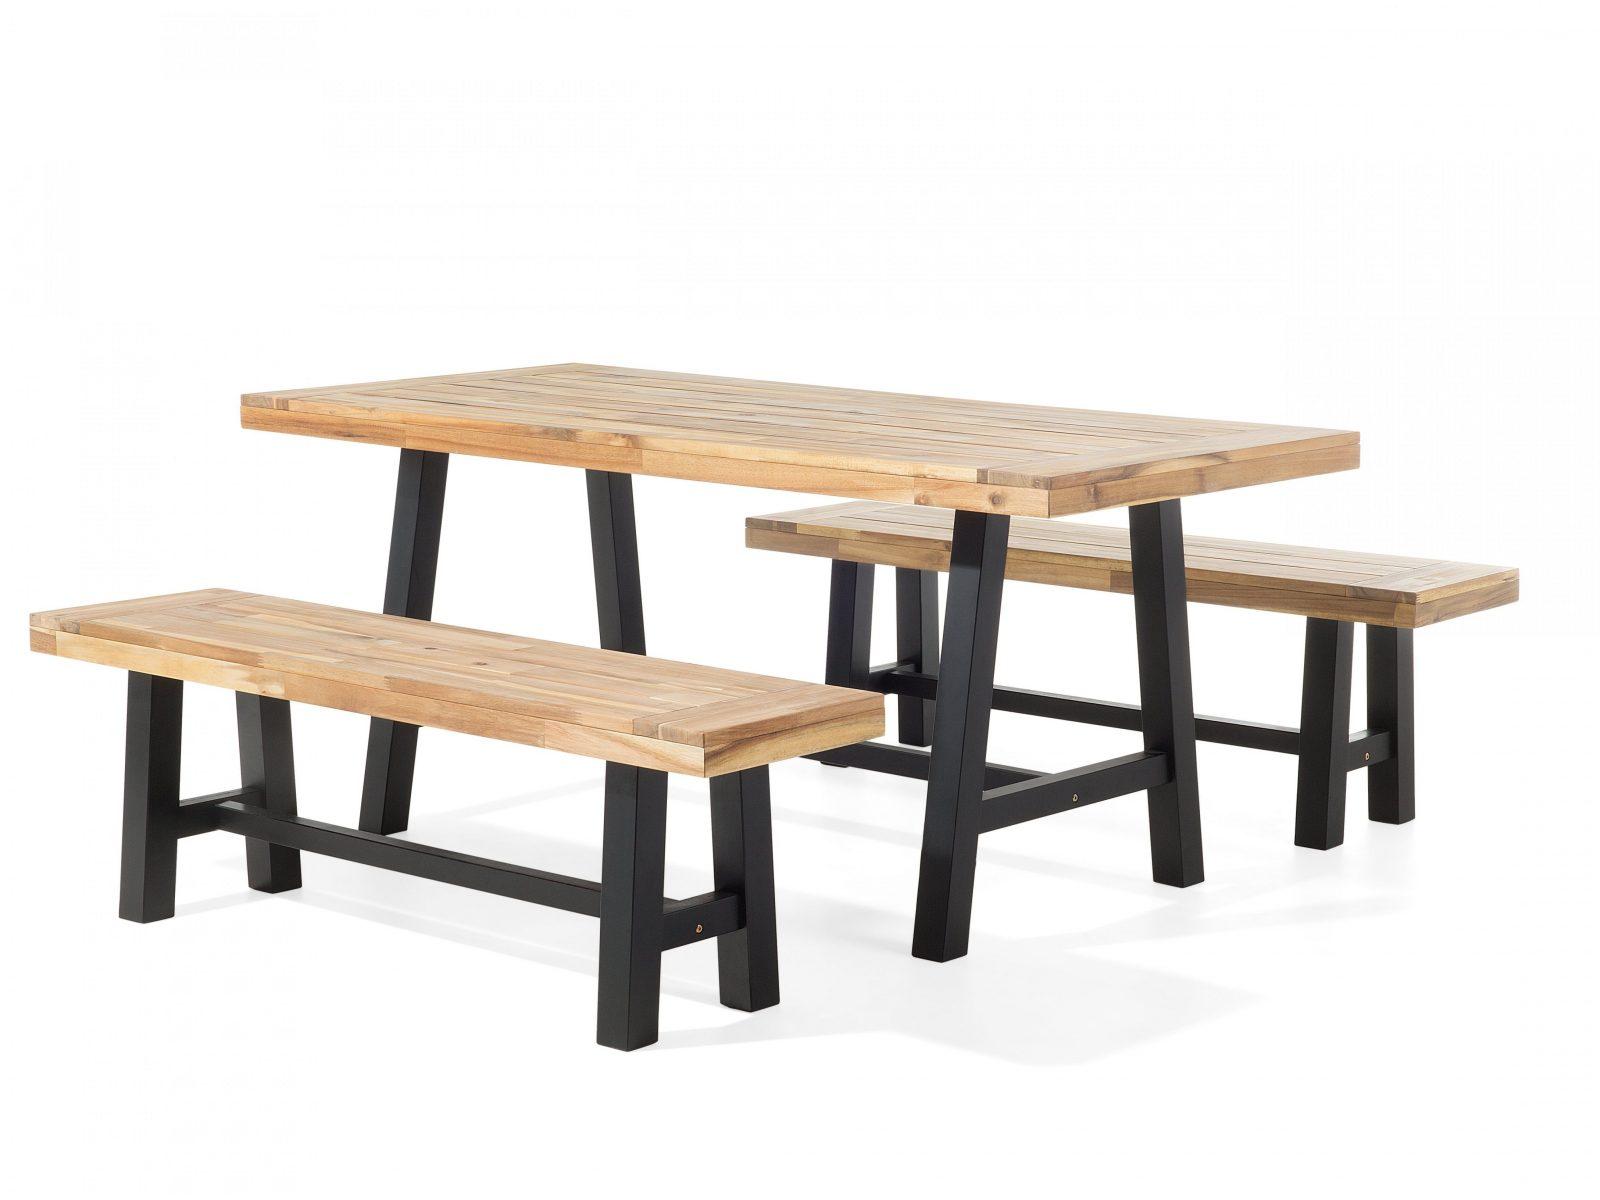 Gartenmöbel Set Holz Schwarzbraun Scania  Belianich von Gartentisch Mit 2 Bänken Bild